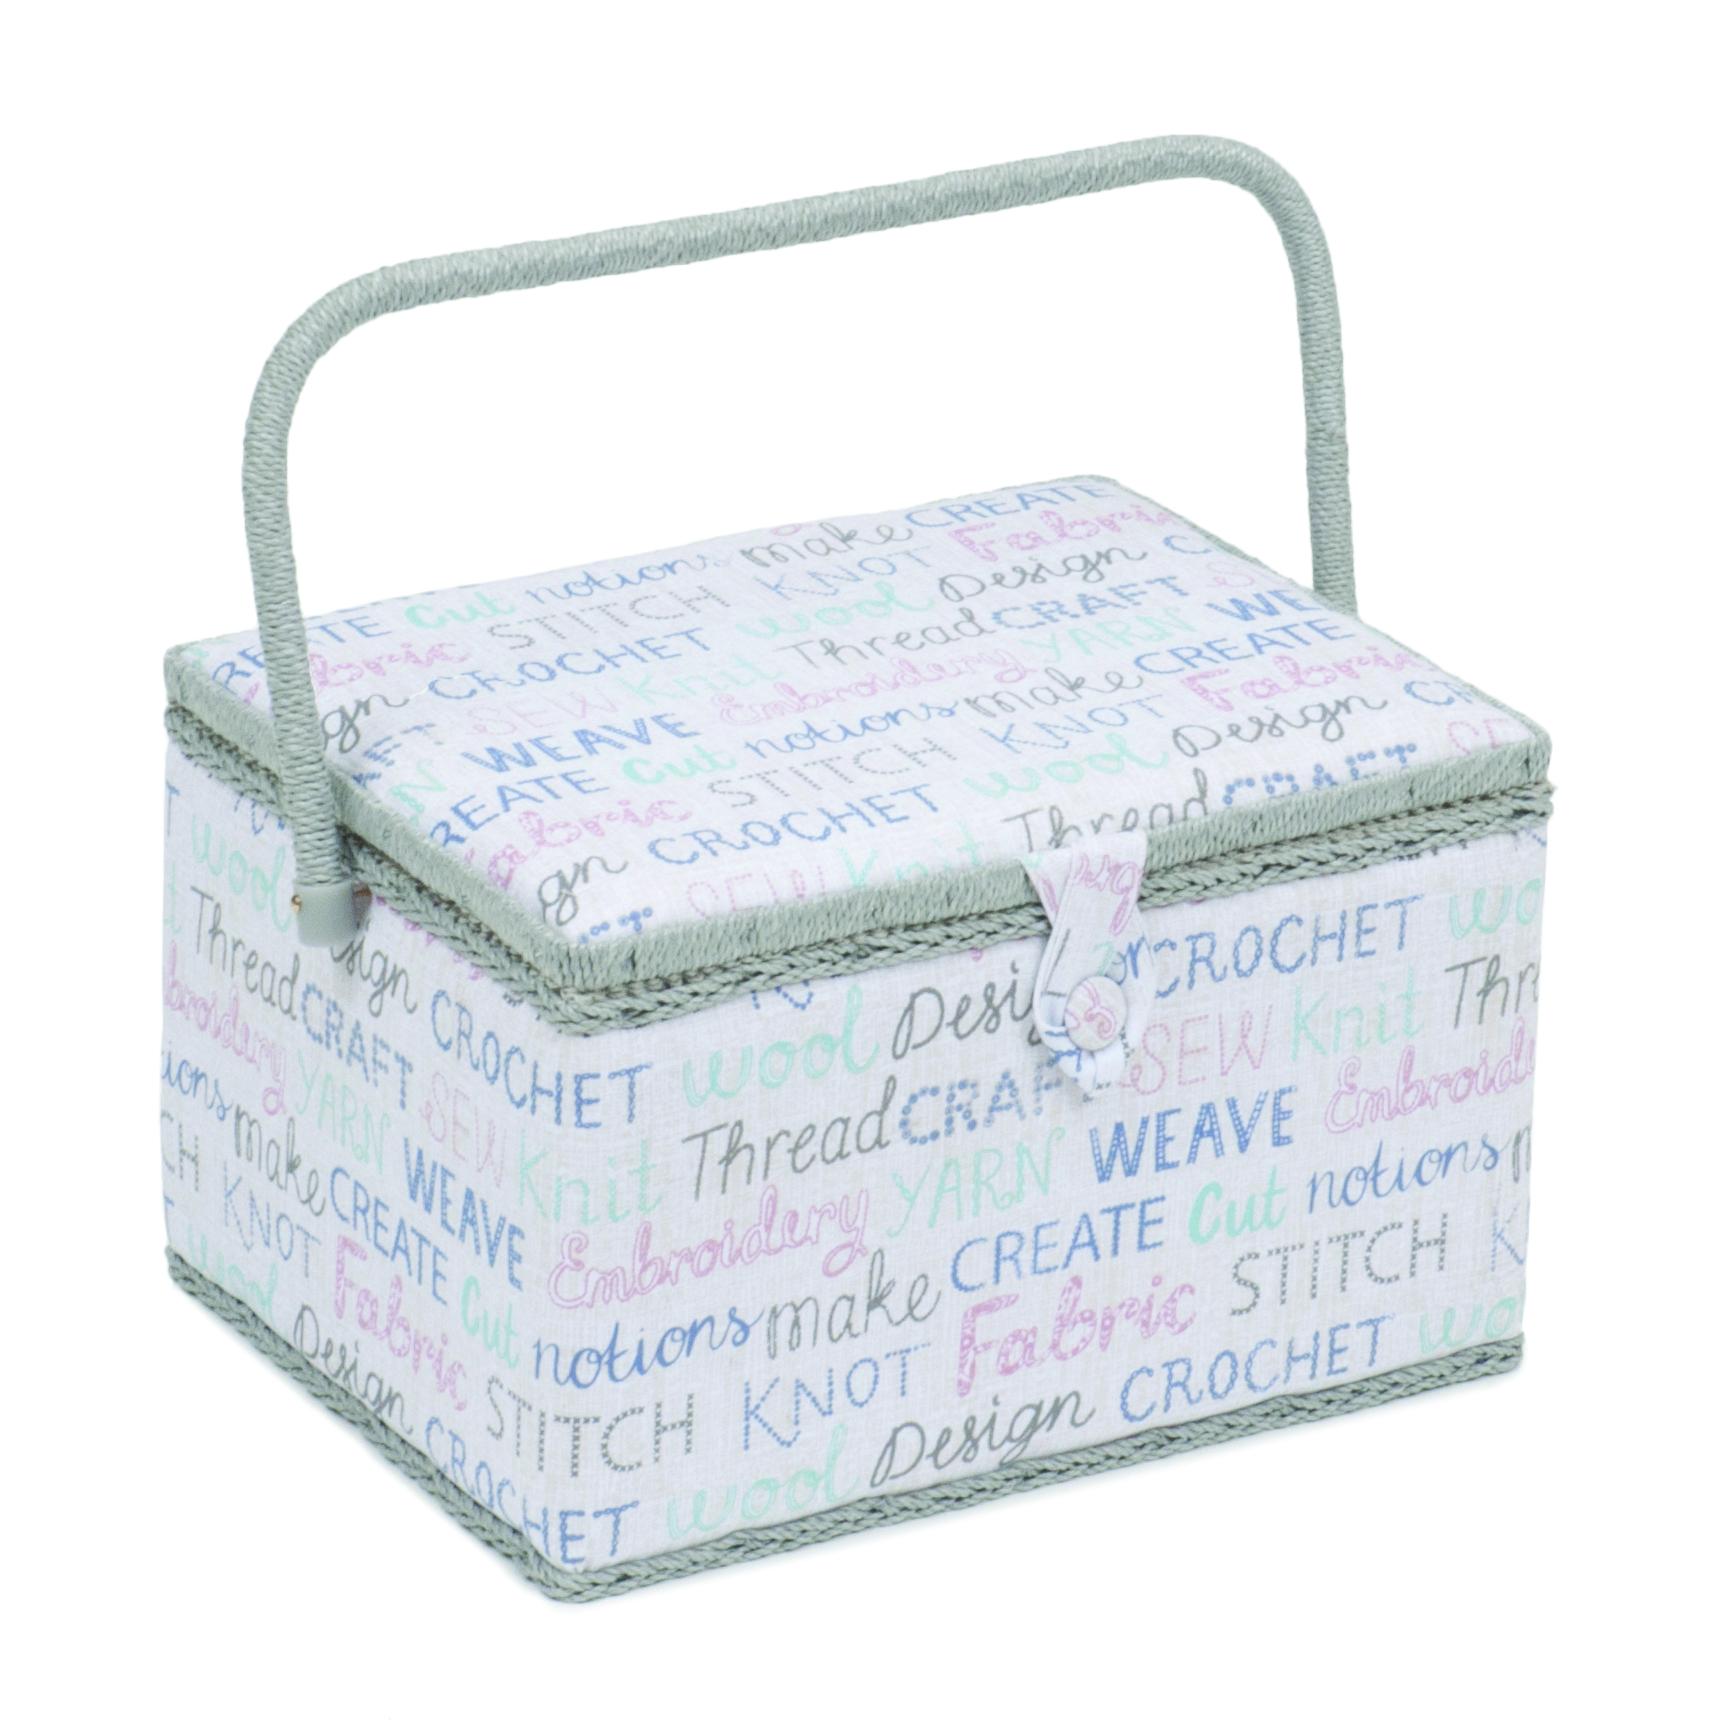 košík na šicí potřeby písmo L